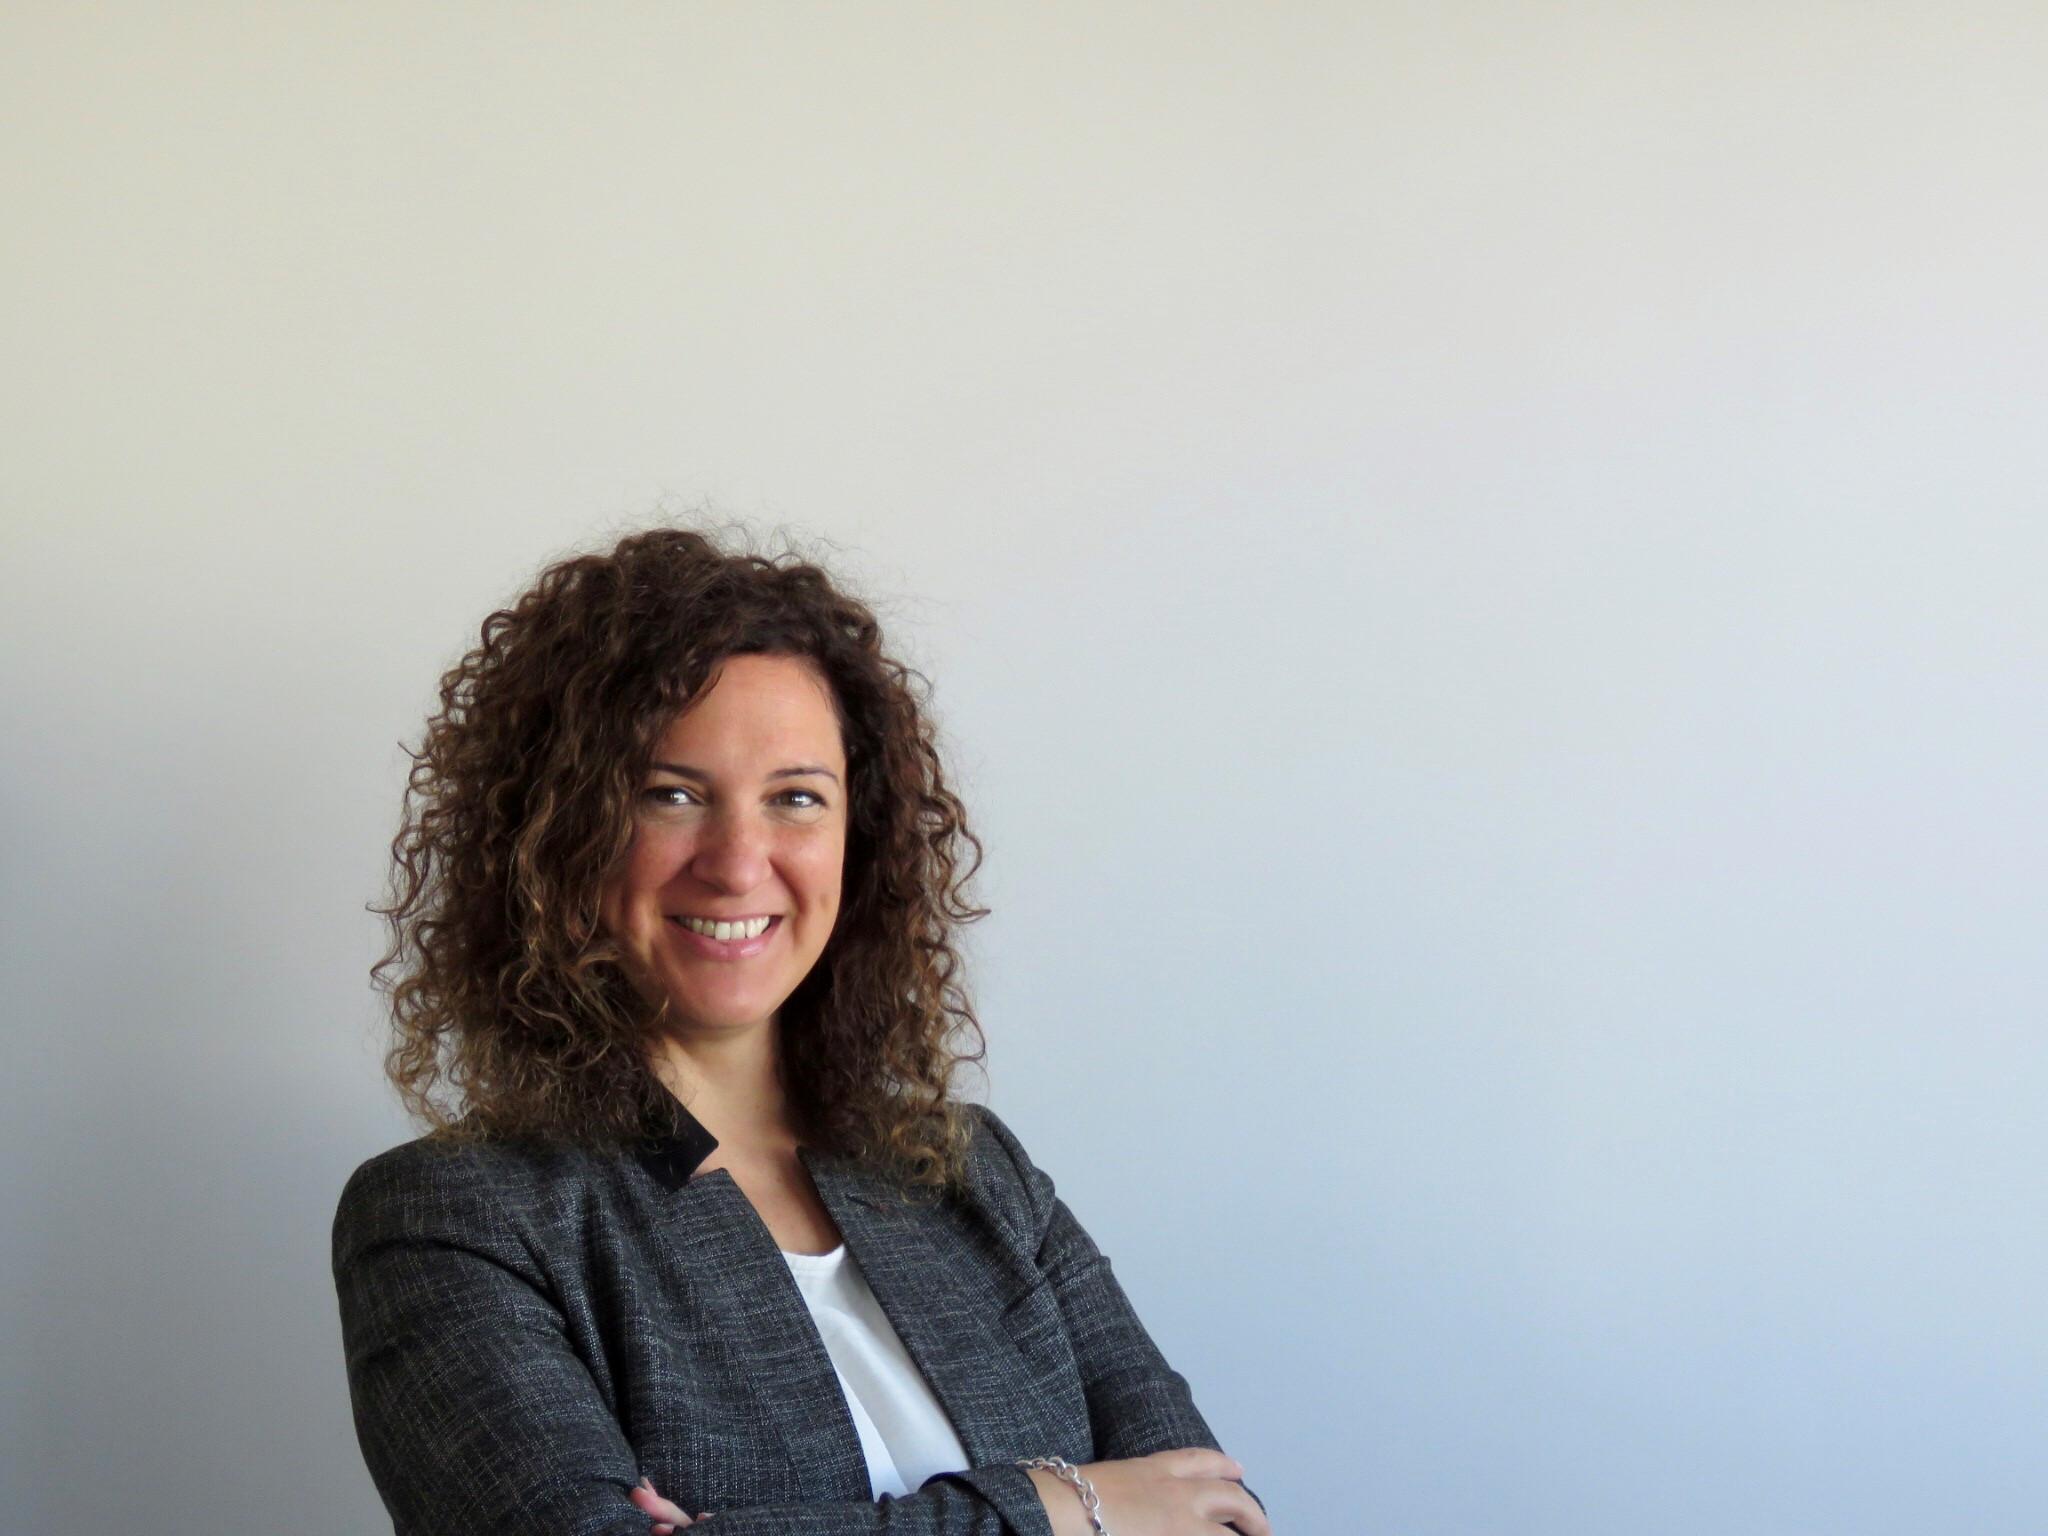 Elena Cerradas, country manager de Forcepoint